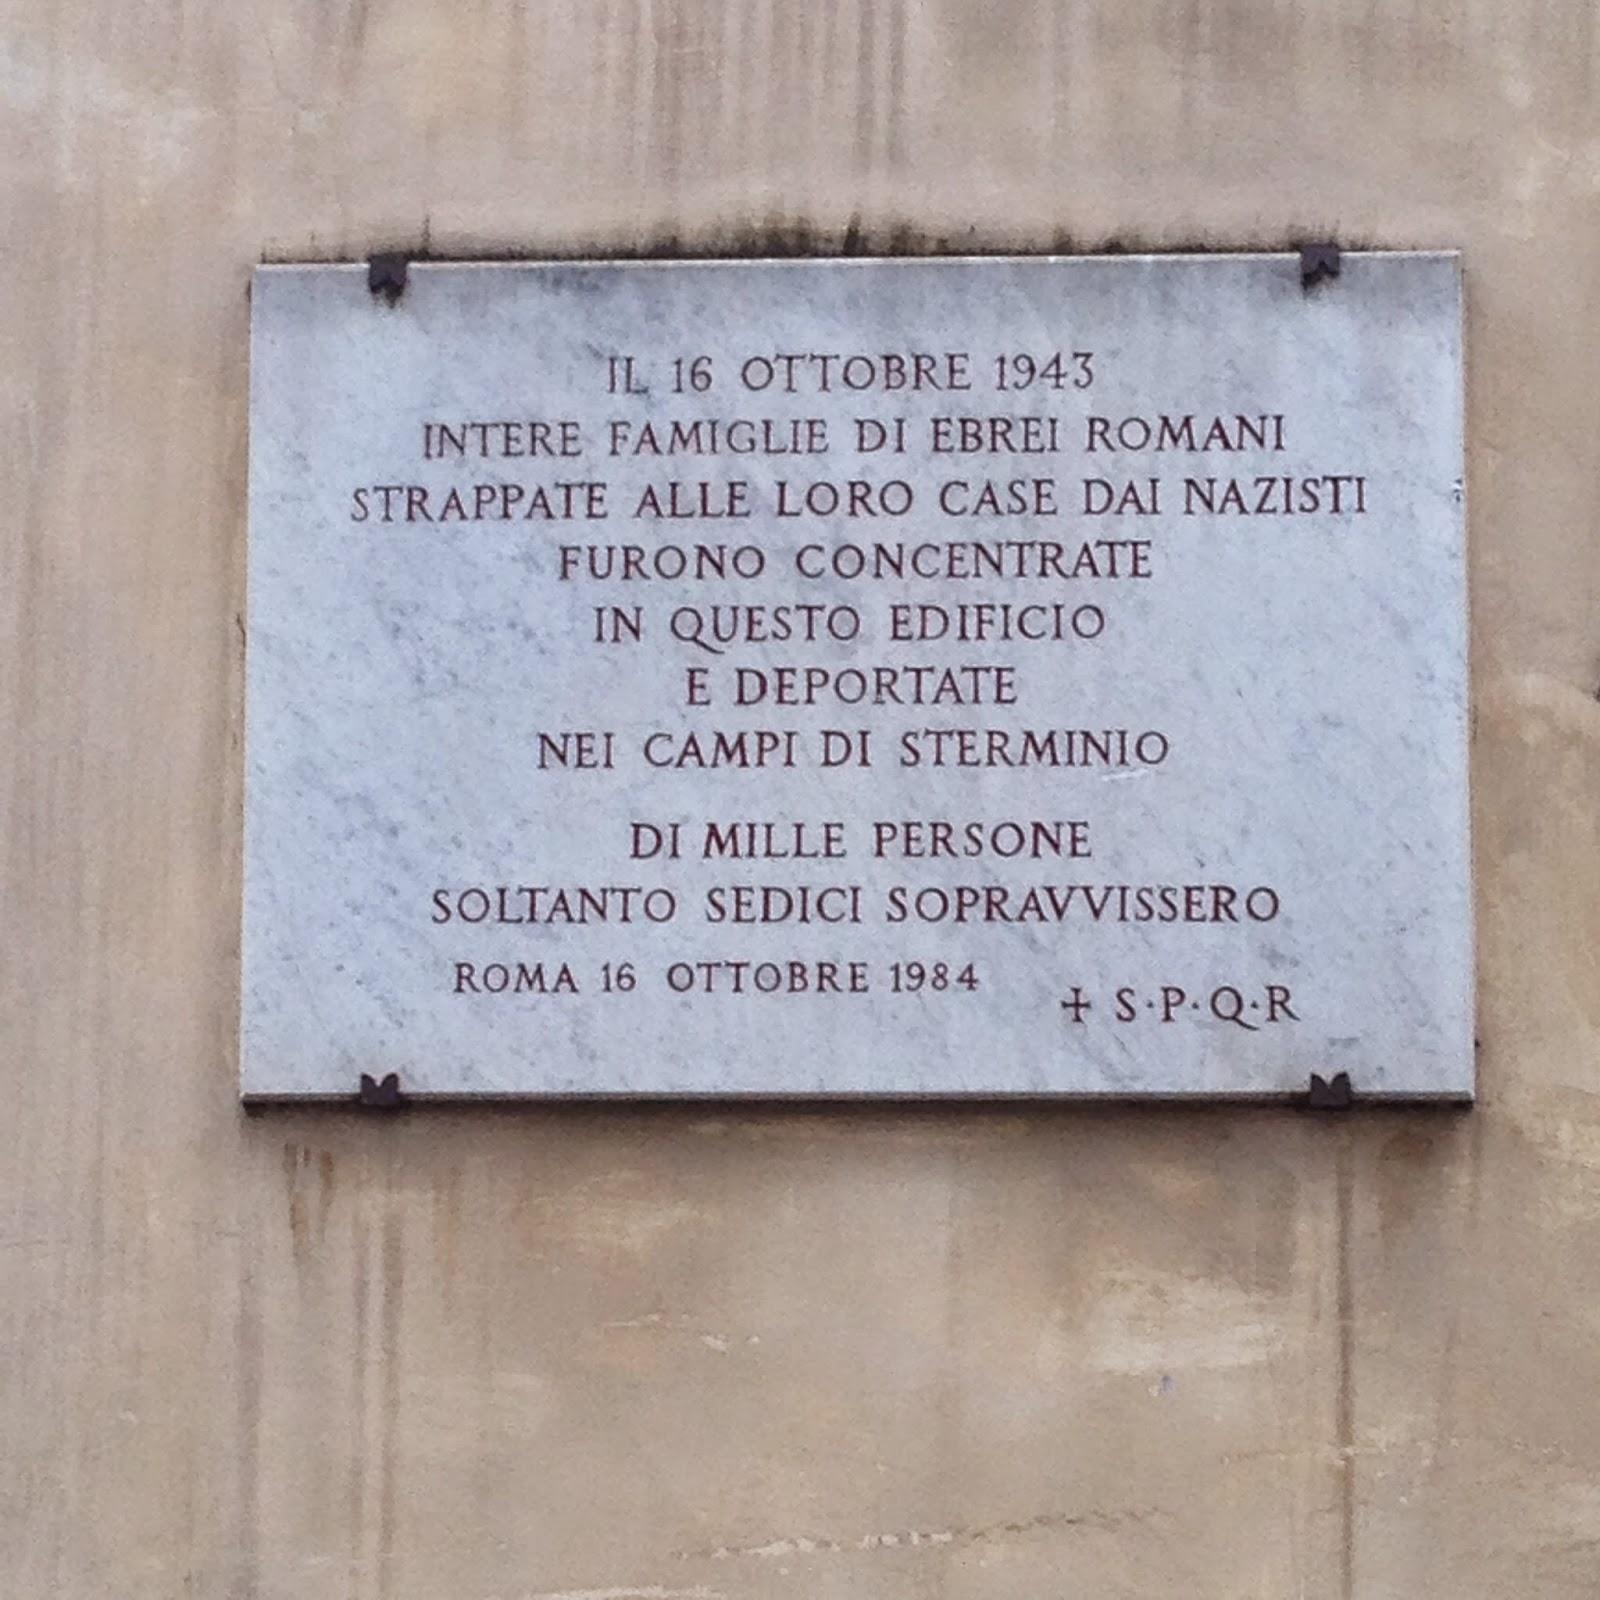 Rerum Romanarum: Targa in memoria del concentramento precedente alla  deportazione degli Ebrei Romani del 16 Ottobre 1943